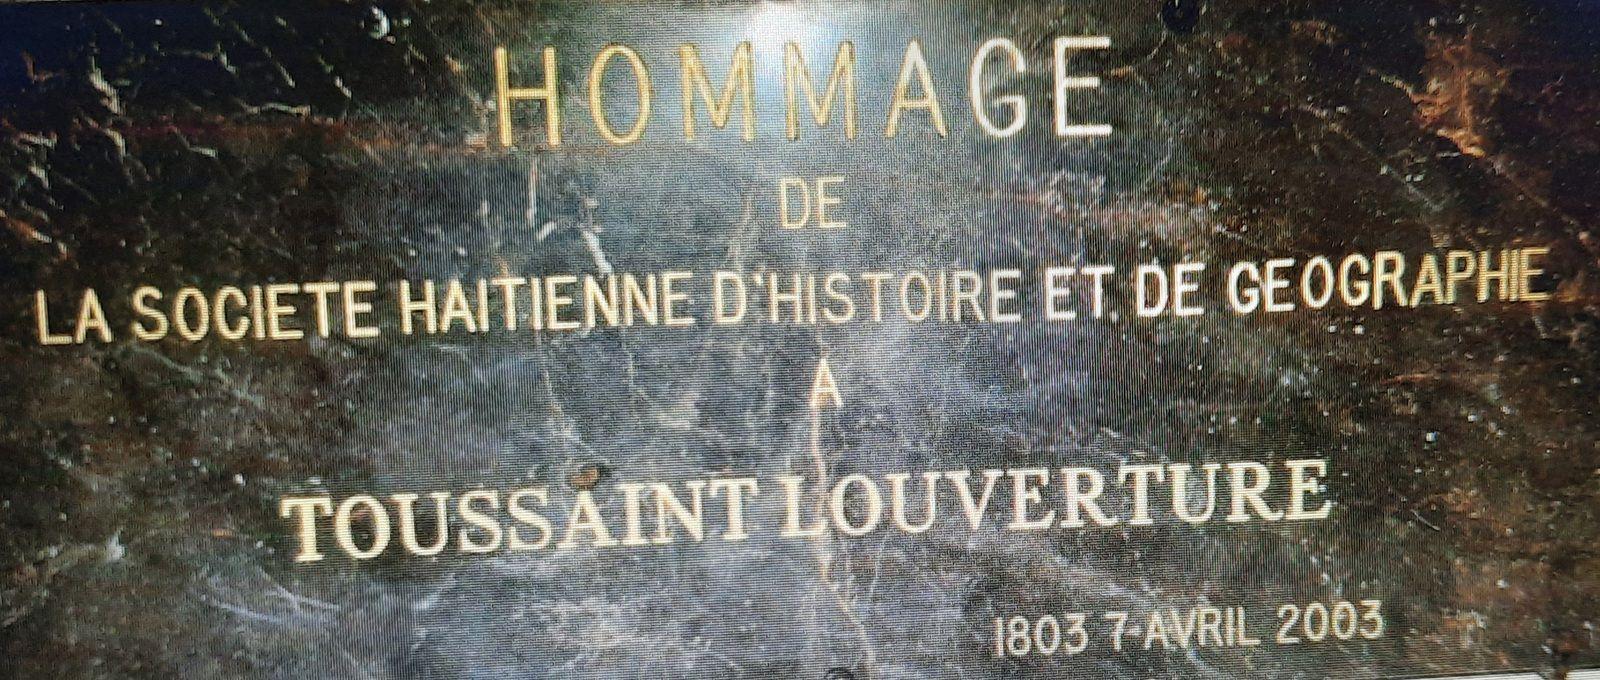 «TOUSSAINT-LOUVERTURE (1743-1803), héros de la lutte pour l'abolition de l'esclavage, et précurseur de la première République noire indépendante, en 1804, d'Haïti» par Amadou Bal BA - http://baamadou.over-blog.fr/